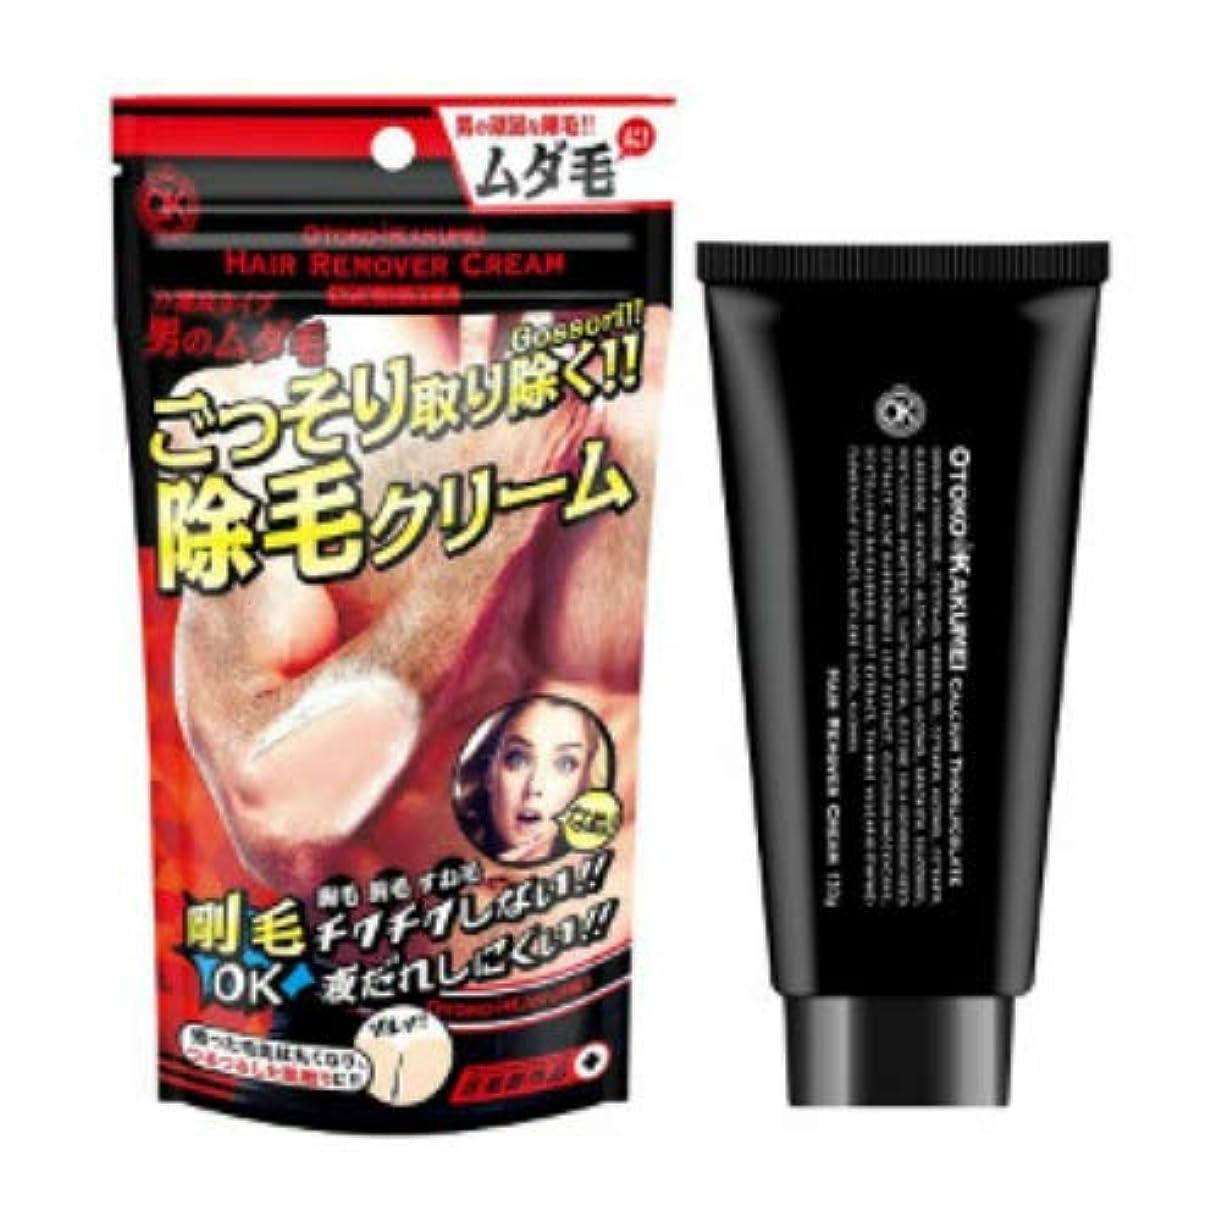 マークダウンレイプ腸OTOKO KAKUMEIヘアリムーバークリーム